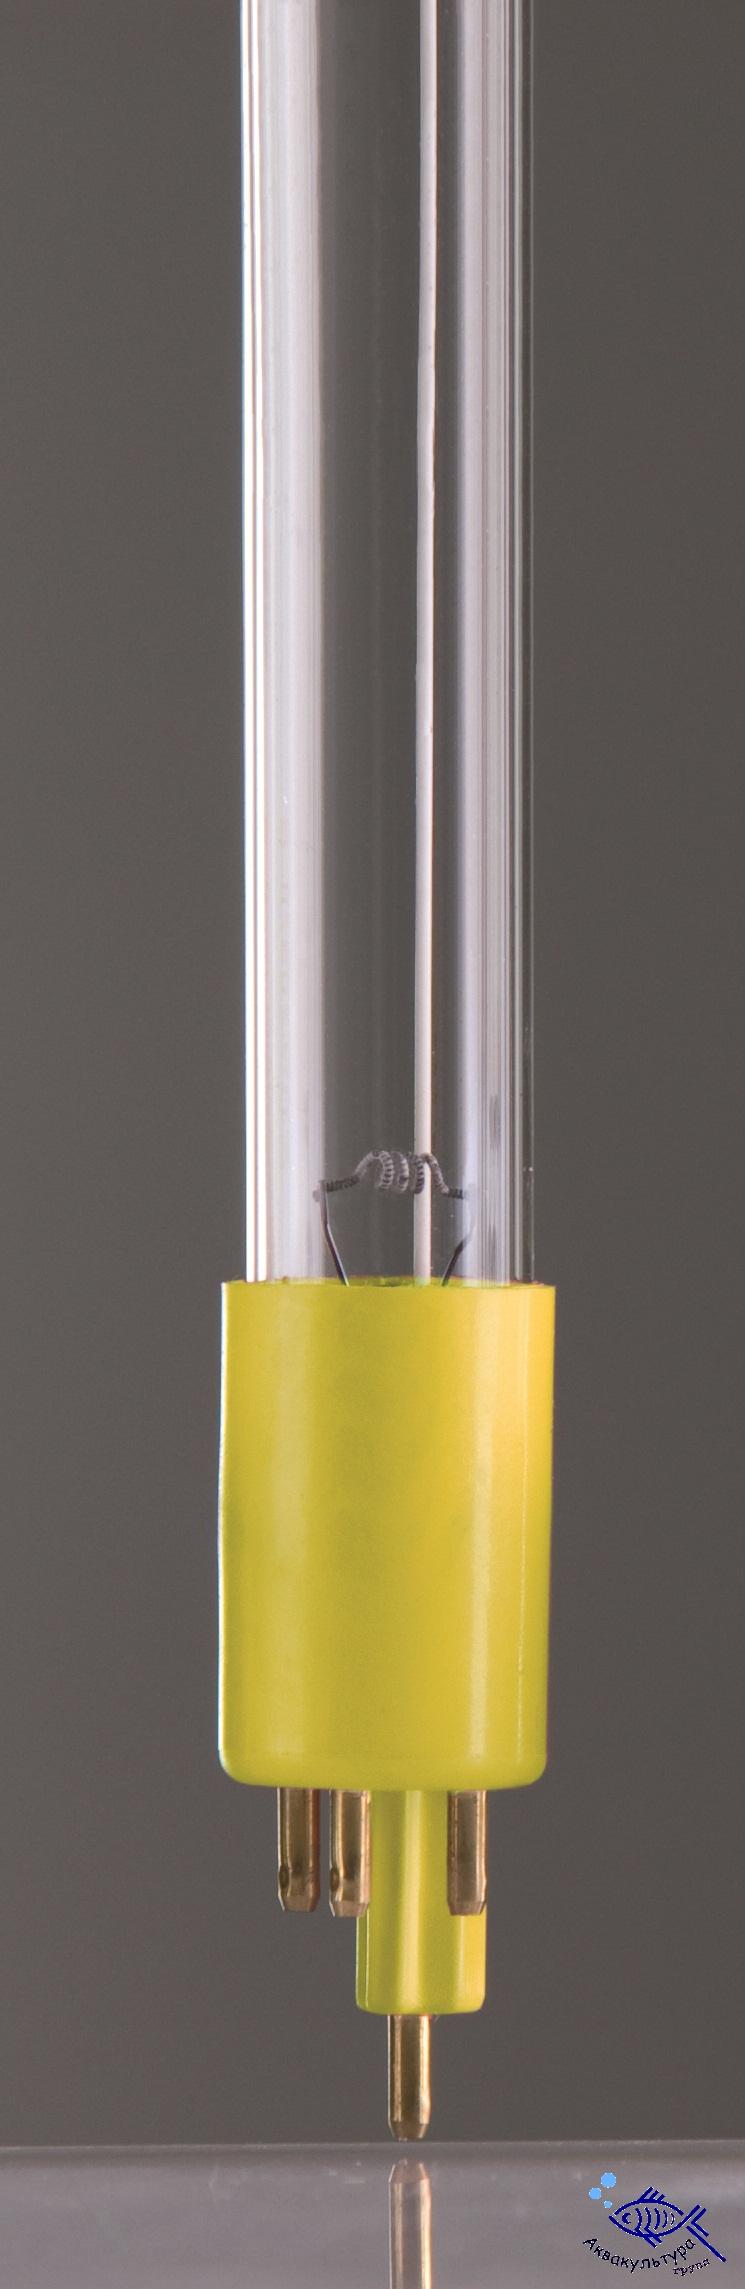 Запасные части AOP COMPACT OZONE + УФ-стерилизатор высокого давления